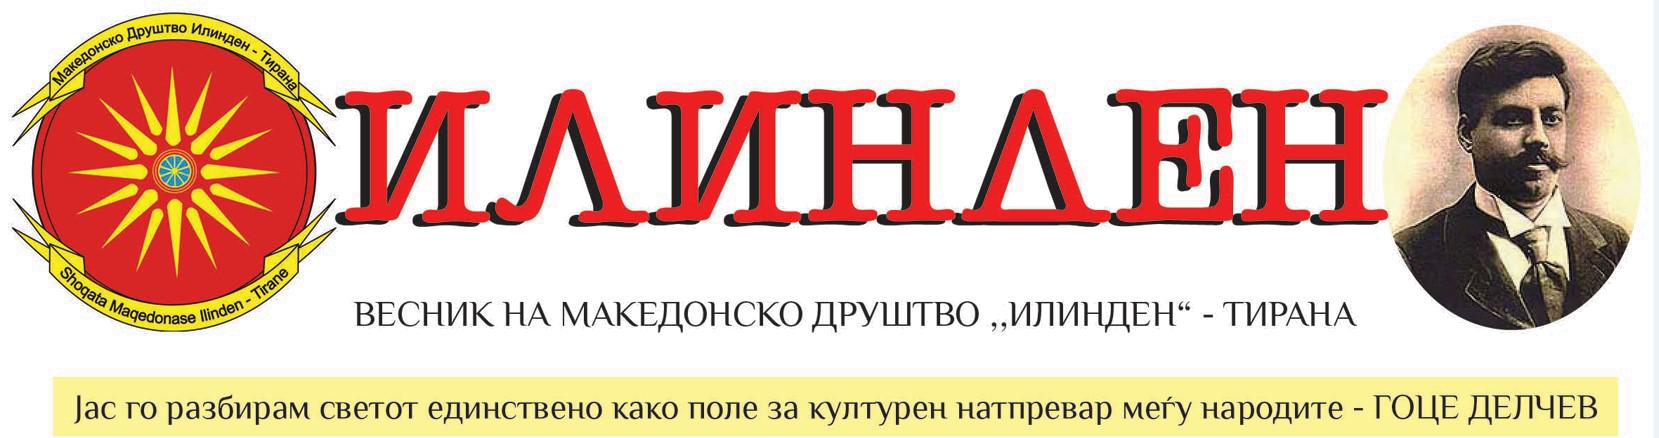 Македонски весник Илинден –